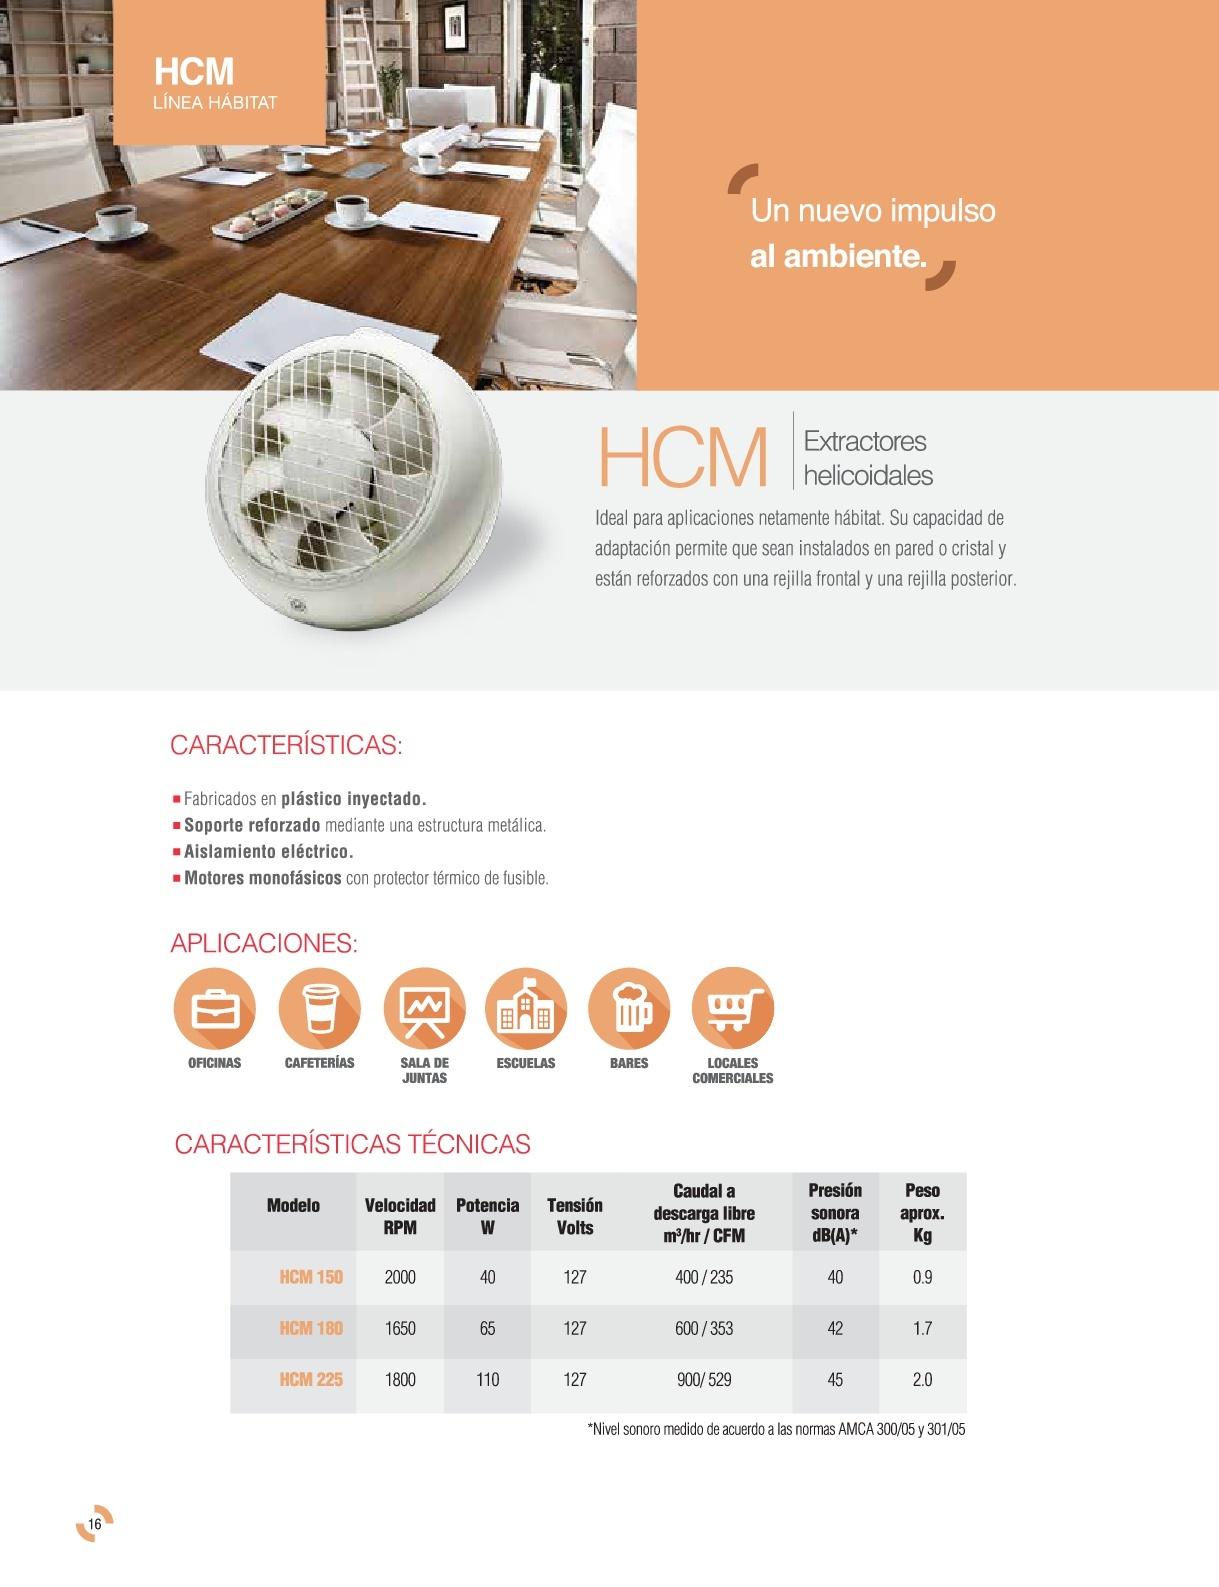 HCM-001